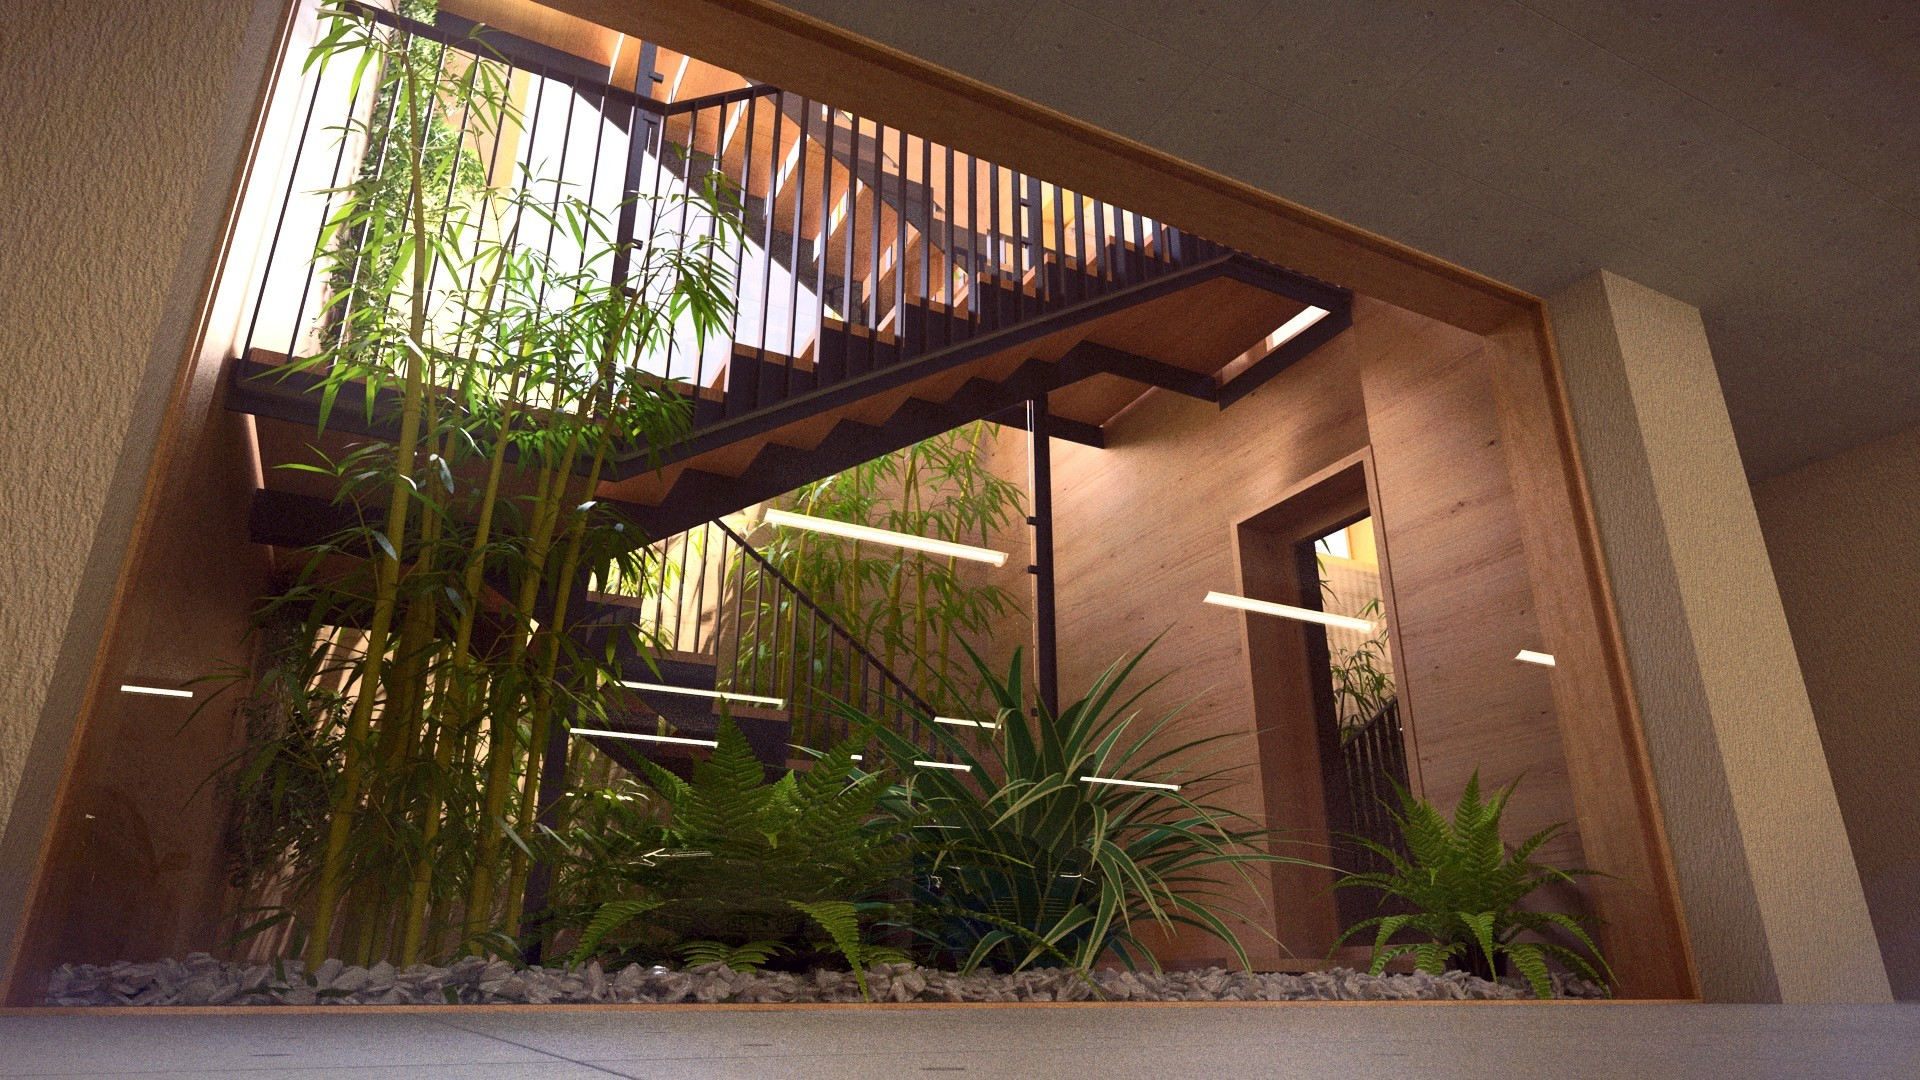 Duane kemp 26 a1309 villas portier 3d staircase garage garage bottom stairwell 02 c post